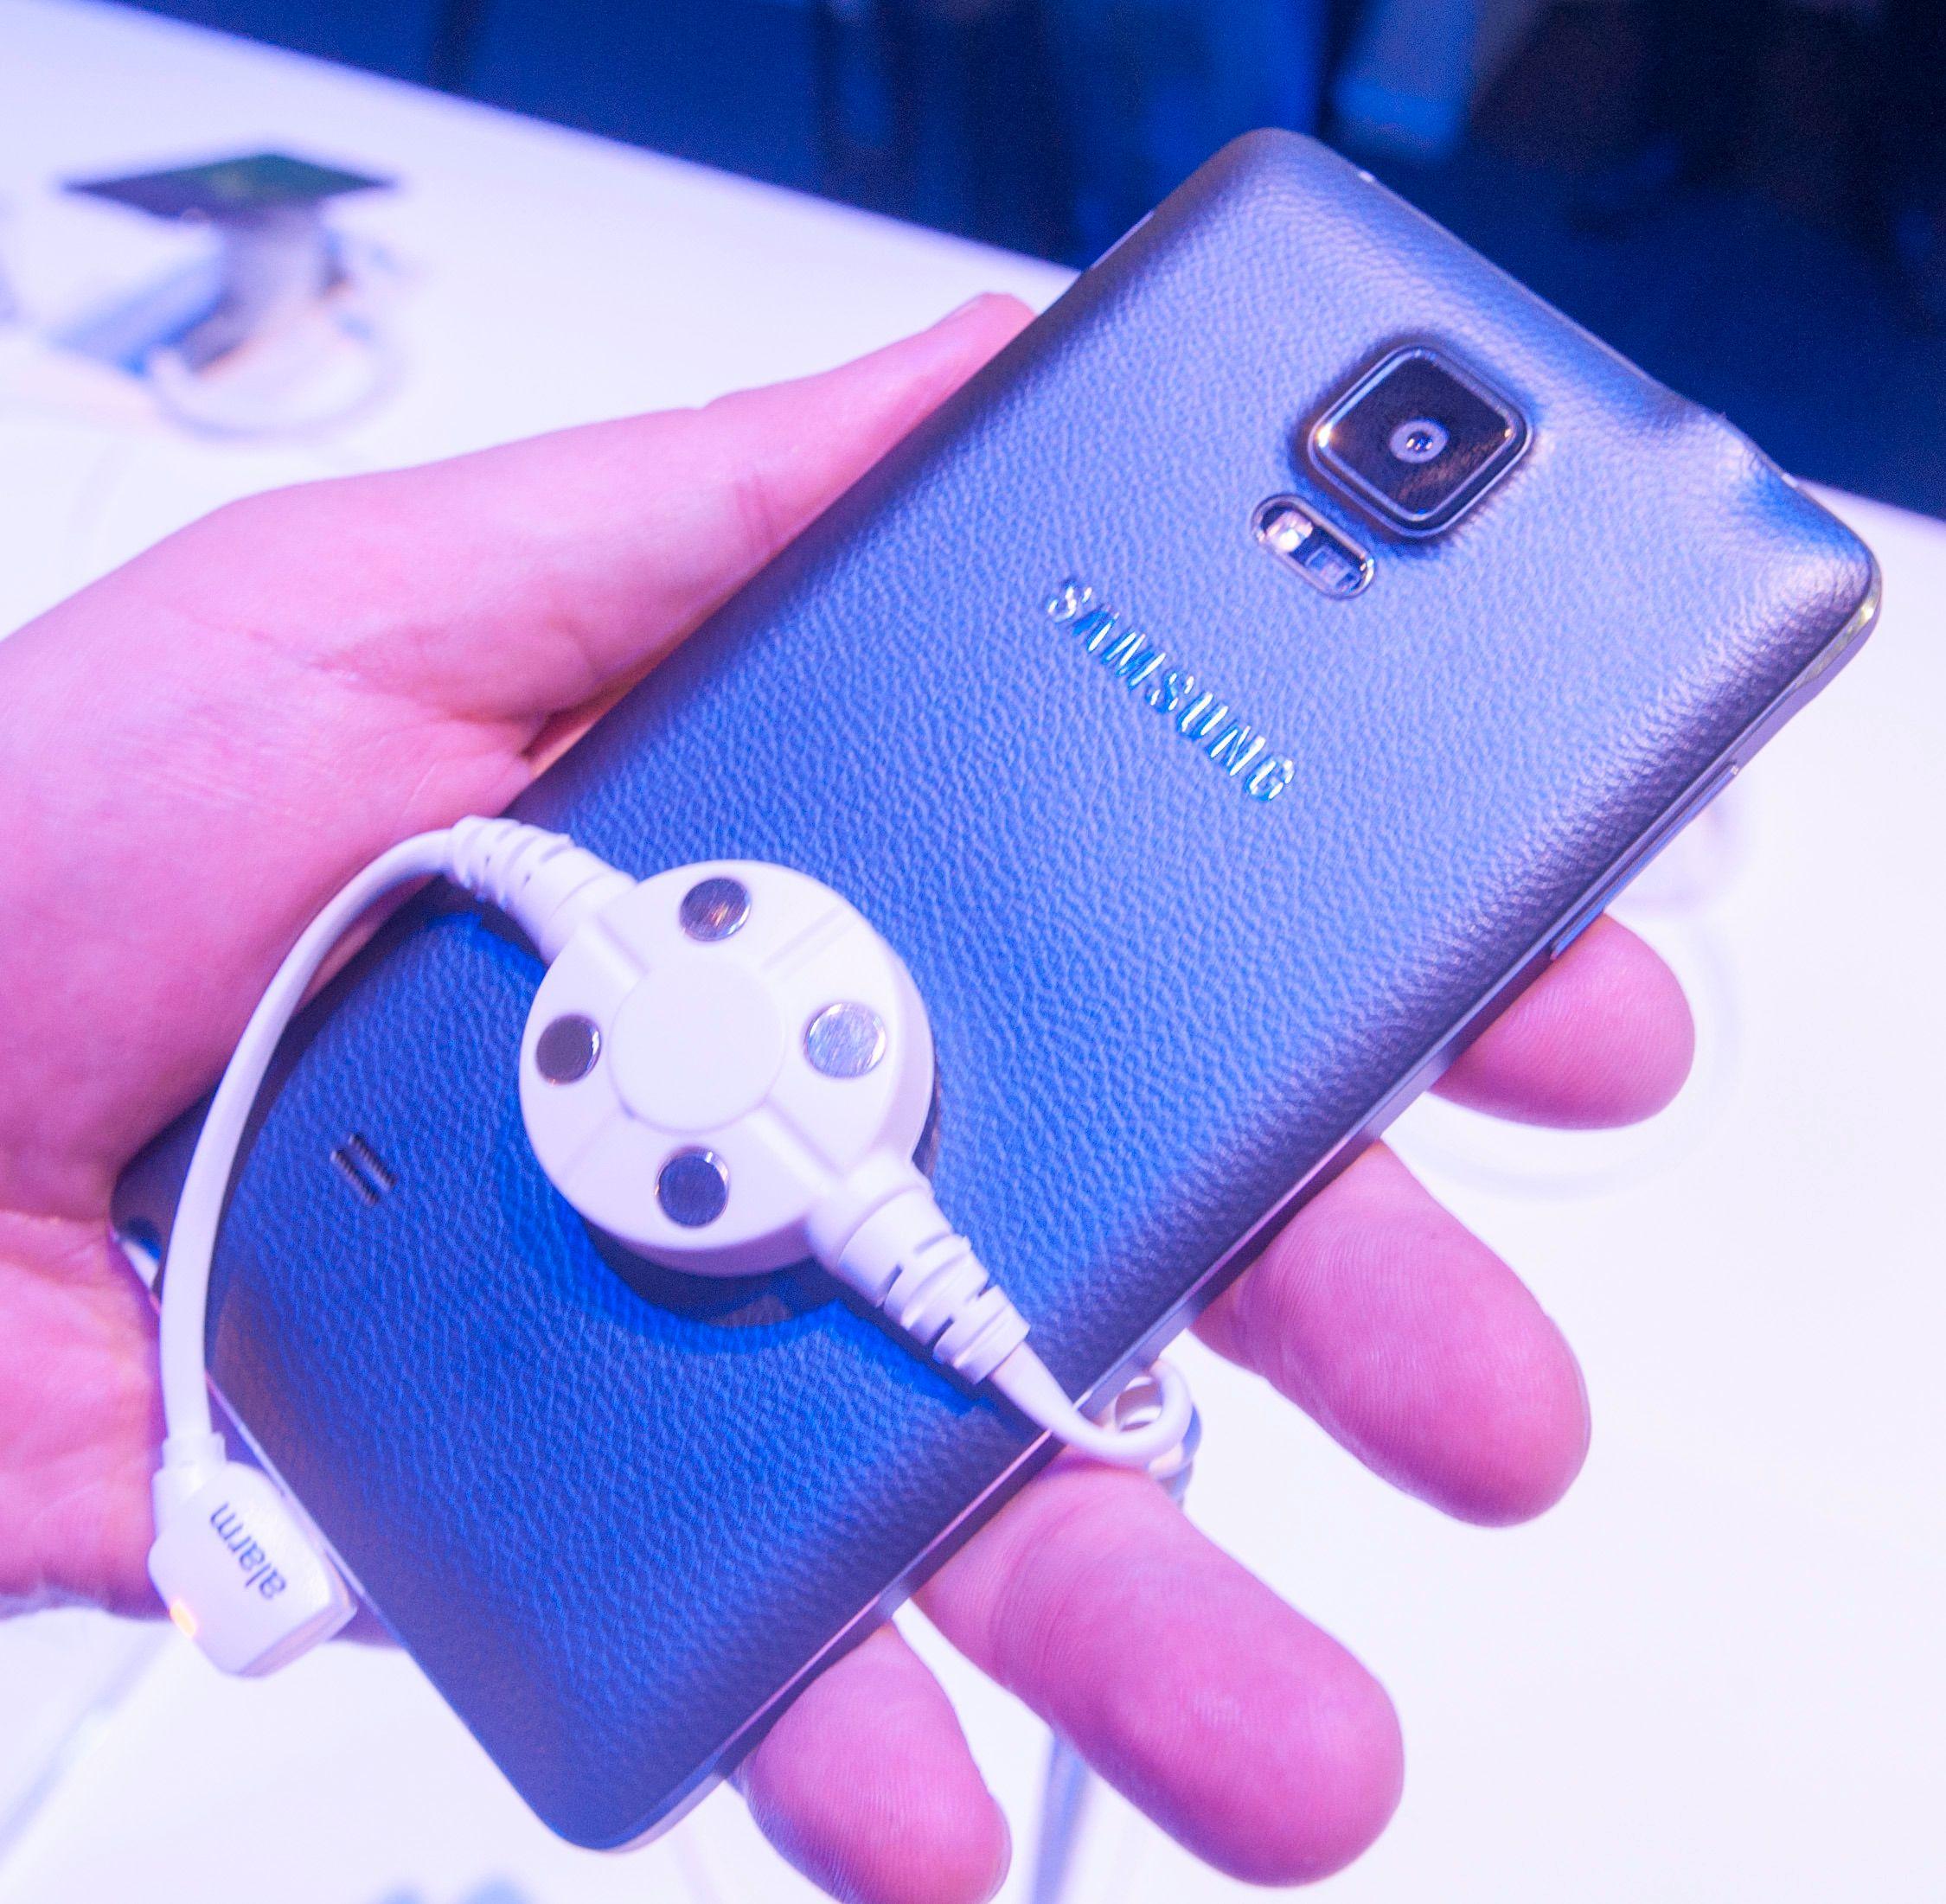 Slik ser den sorte Galaxy Note 4-modellen ut på baksiden. Fingeravtrykksensoren kan brukes som utløserknapp for frontkameraet.Foto: Finn Jarle Kvalheim, Amobil.no